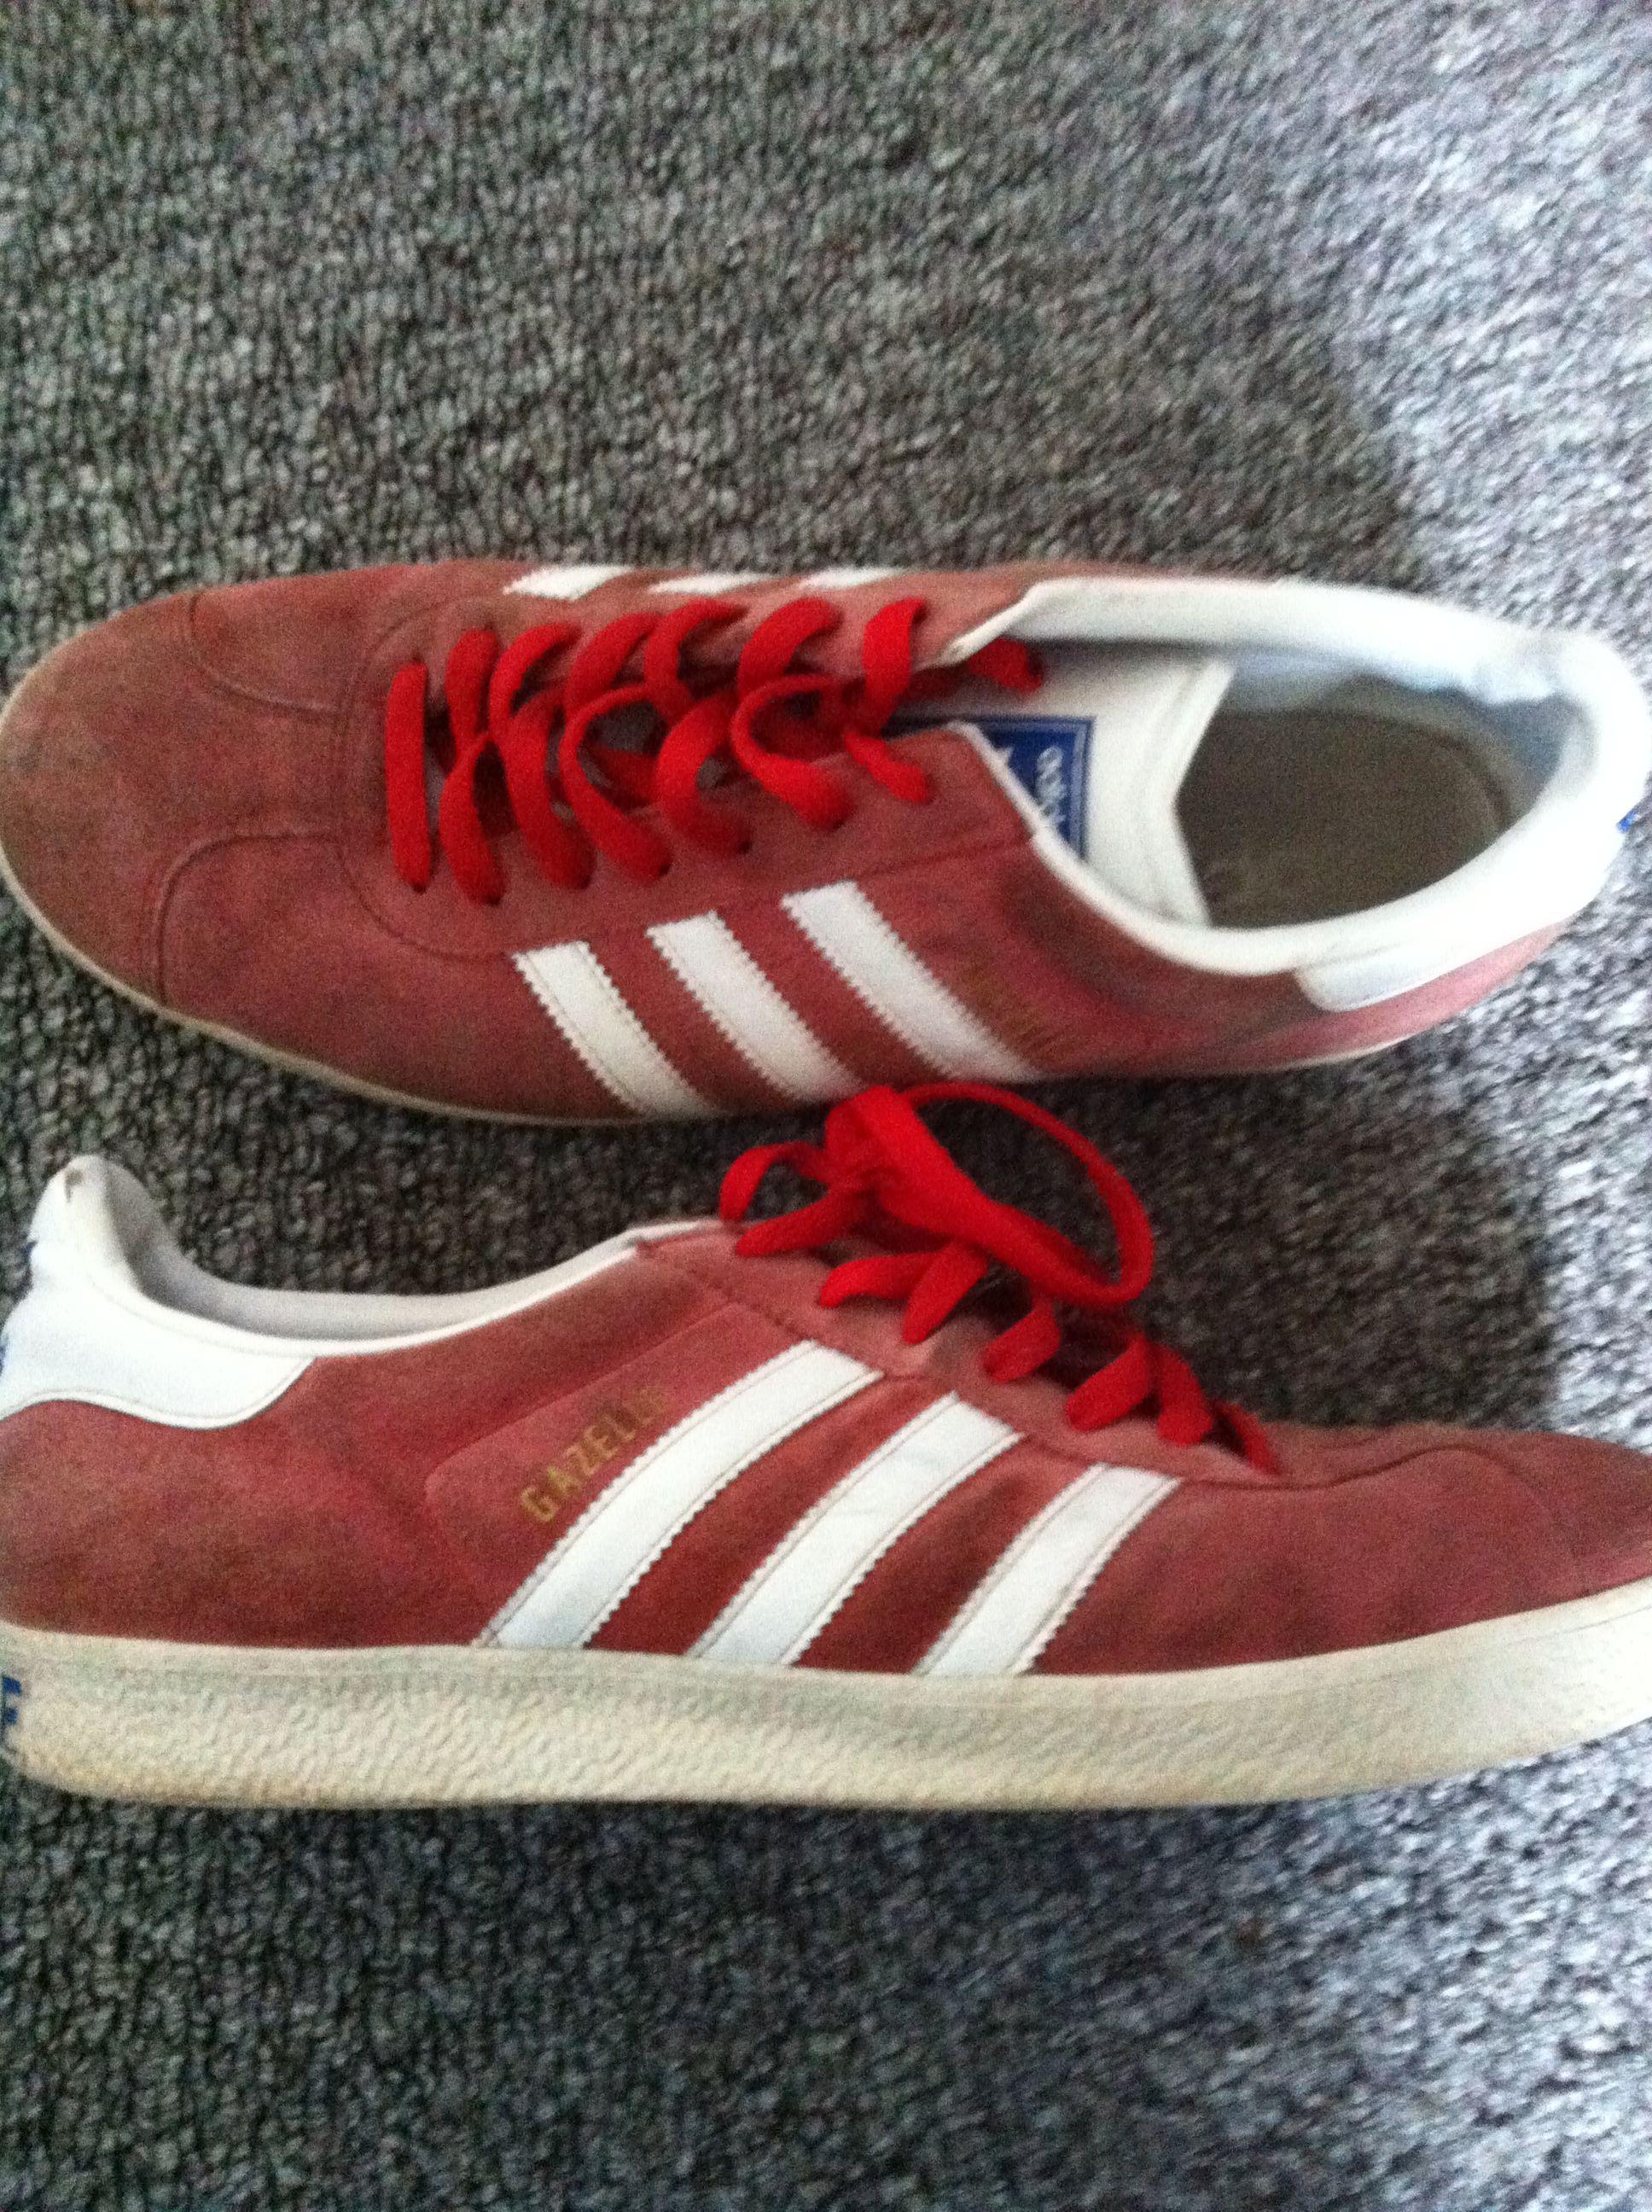 Adidas gazelle red white stripes